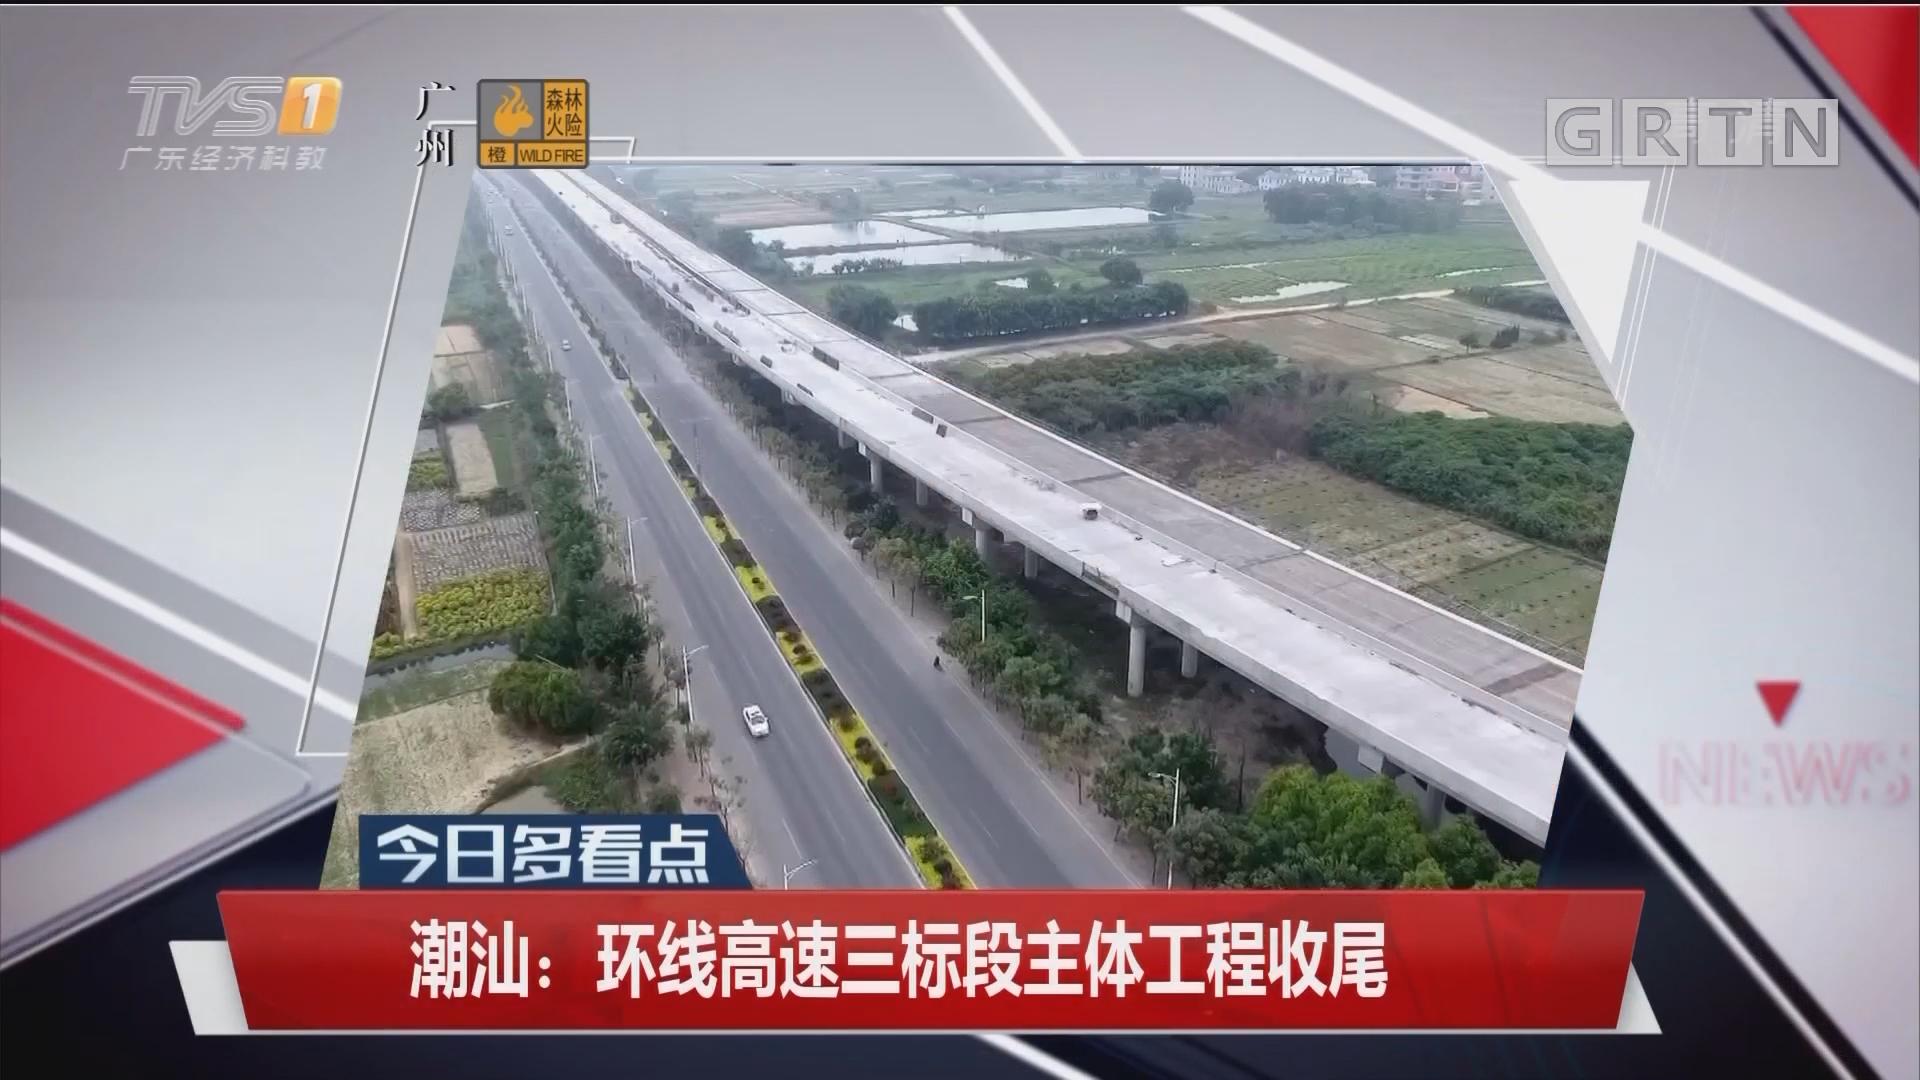 潮汕:环线高速三标段主体工程收尾